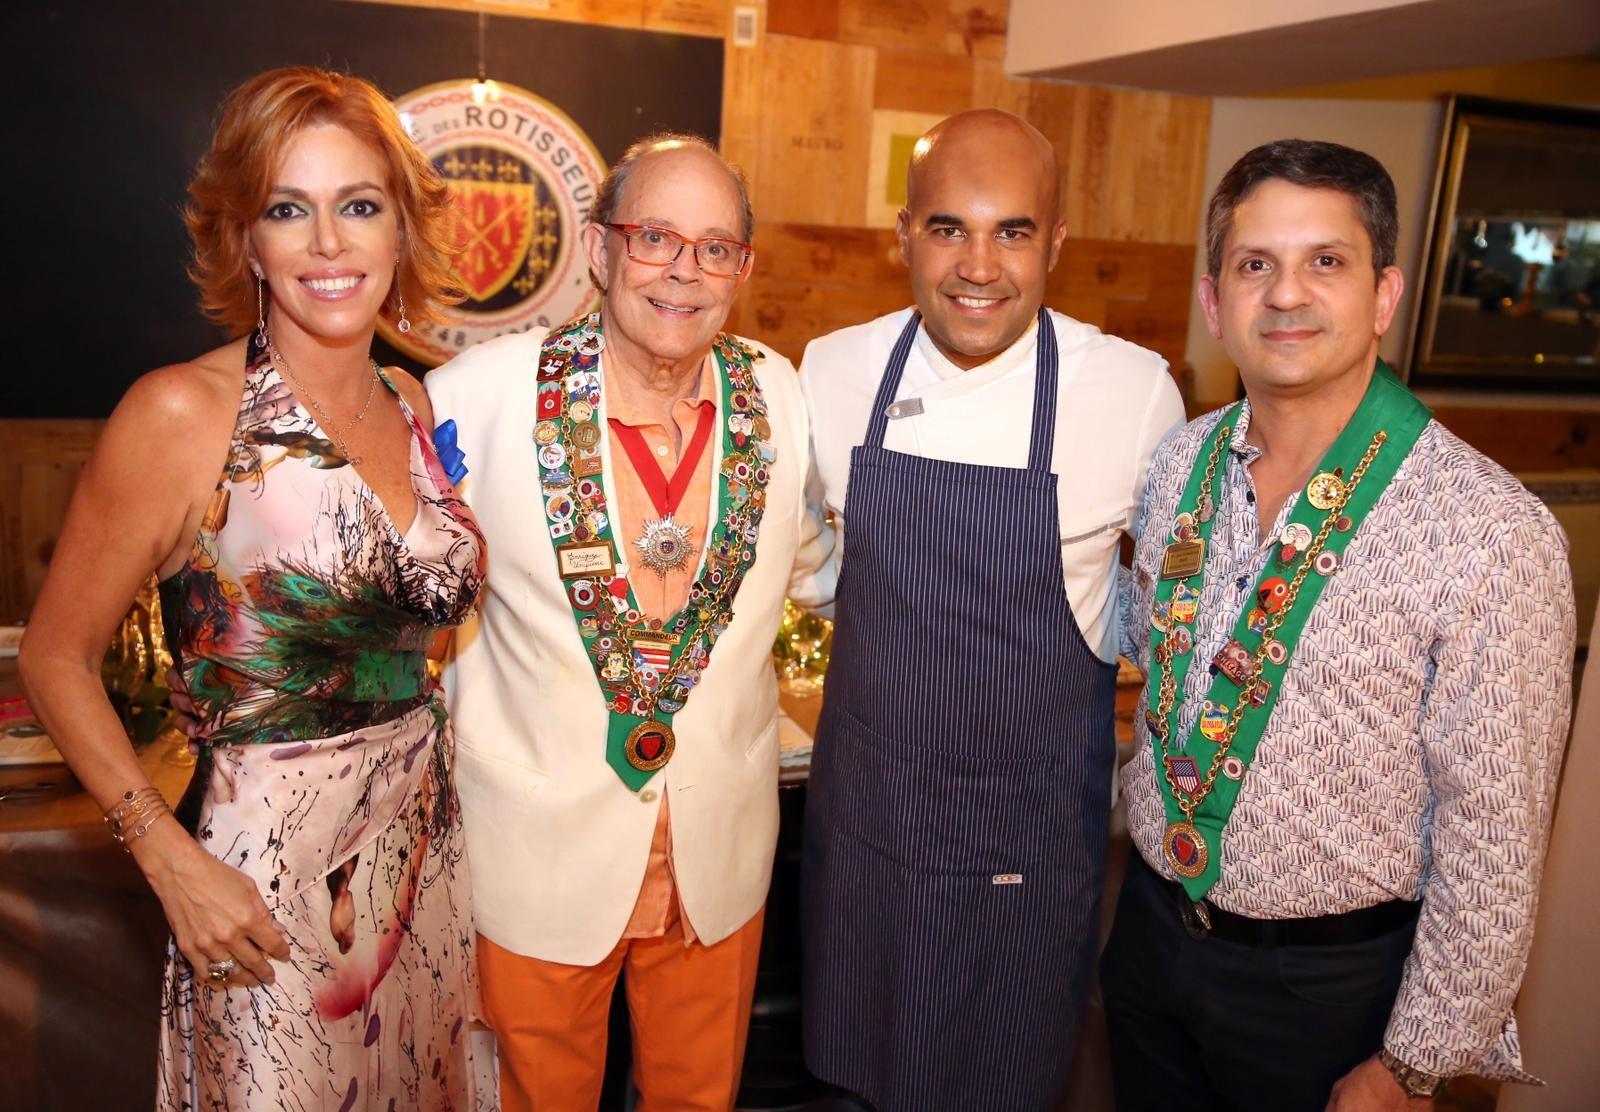 Ivette Cruz, Enrique Umpierre, Enrique Piñero, José Almodovar. Foto Suministrada